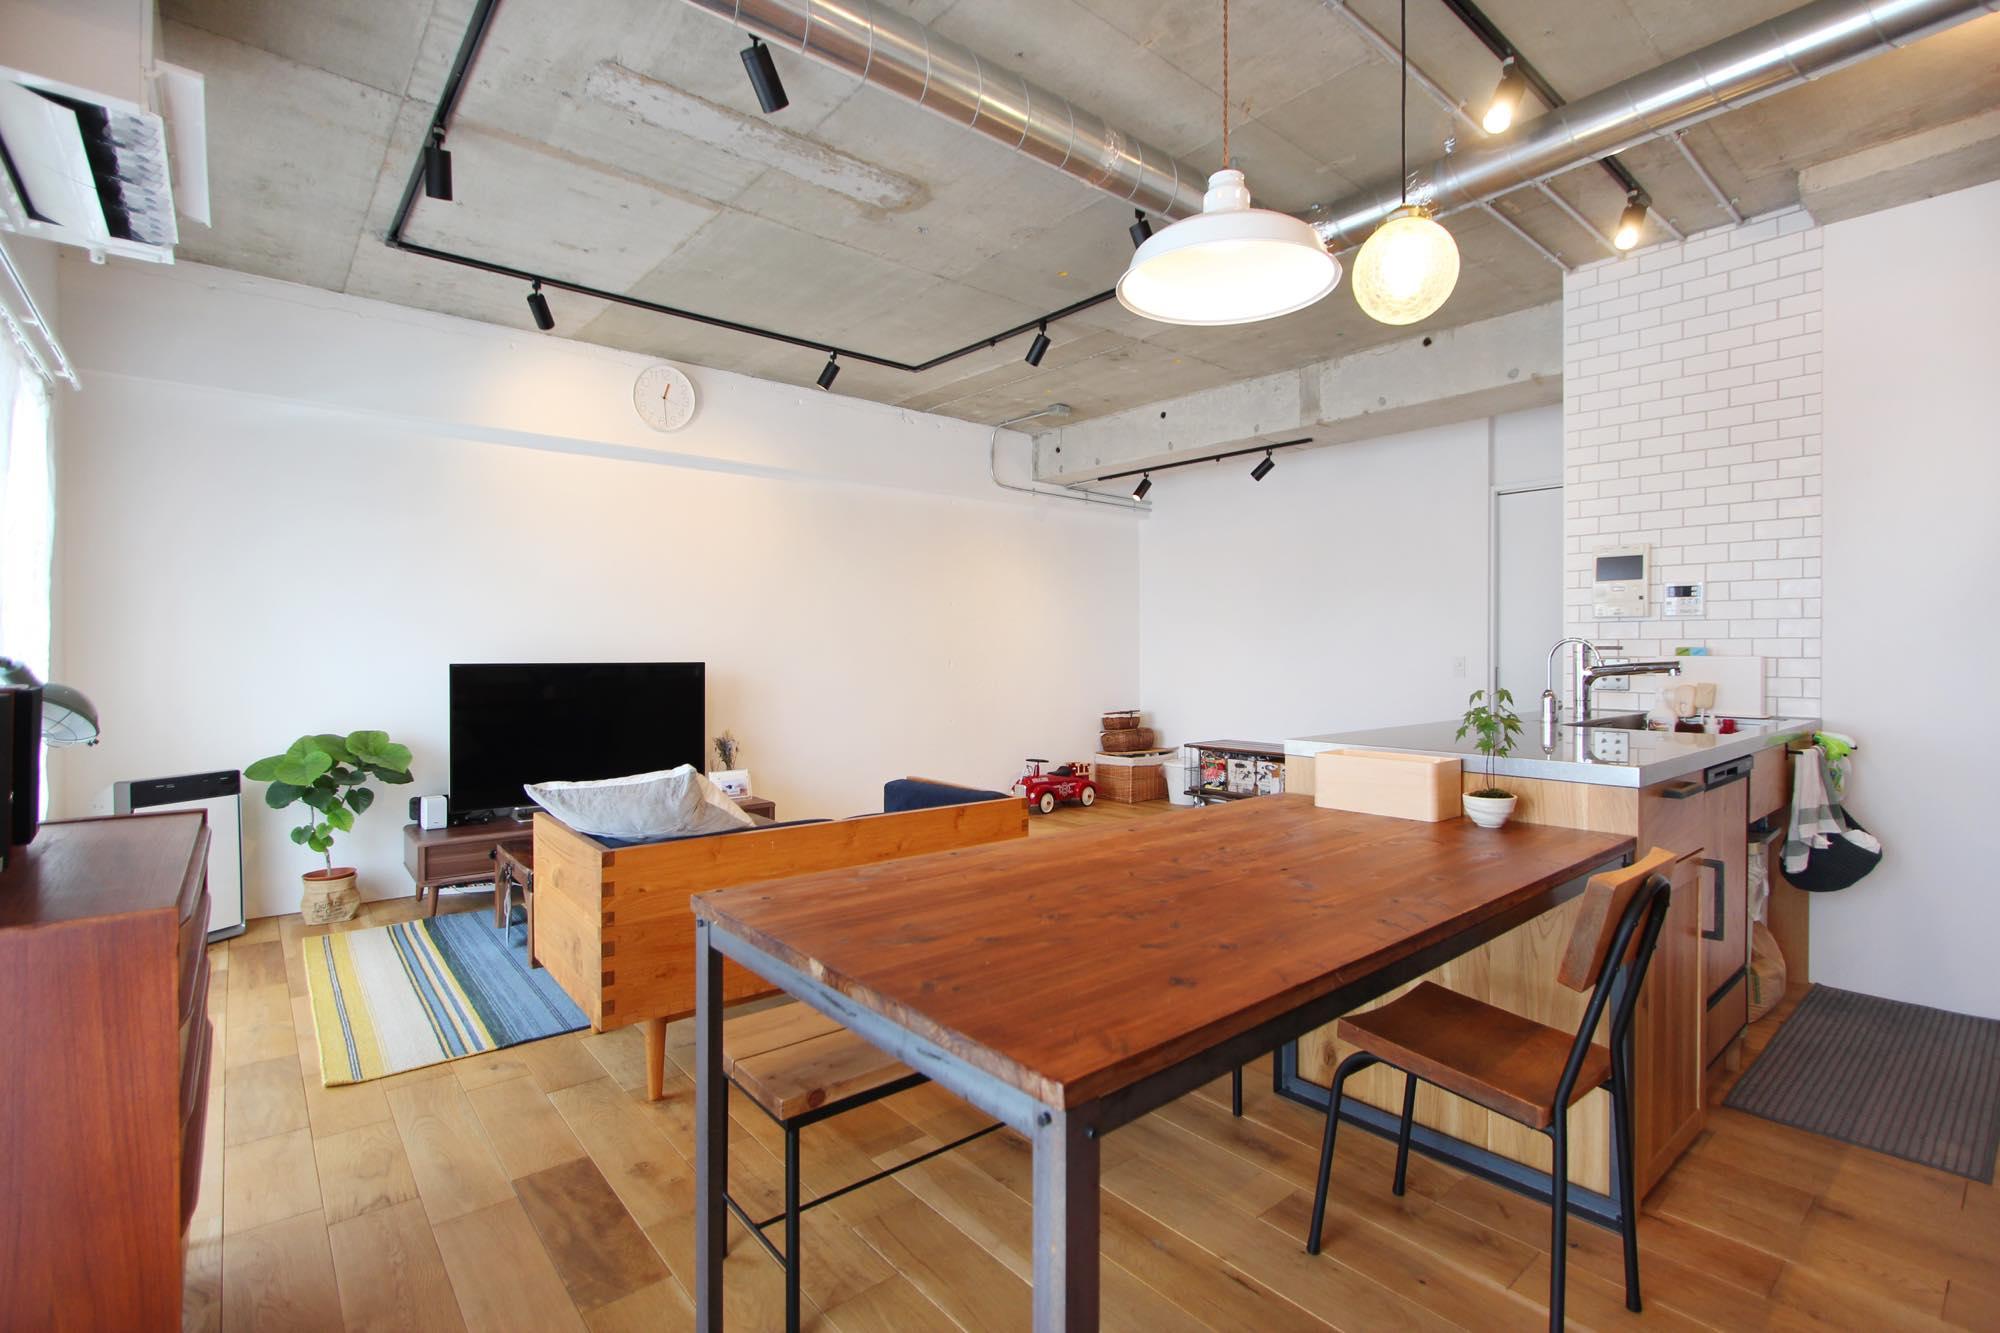 コンクリート現しの天井と、真っ白に塗装された壁がバランスよく調和している。